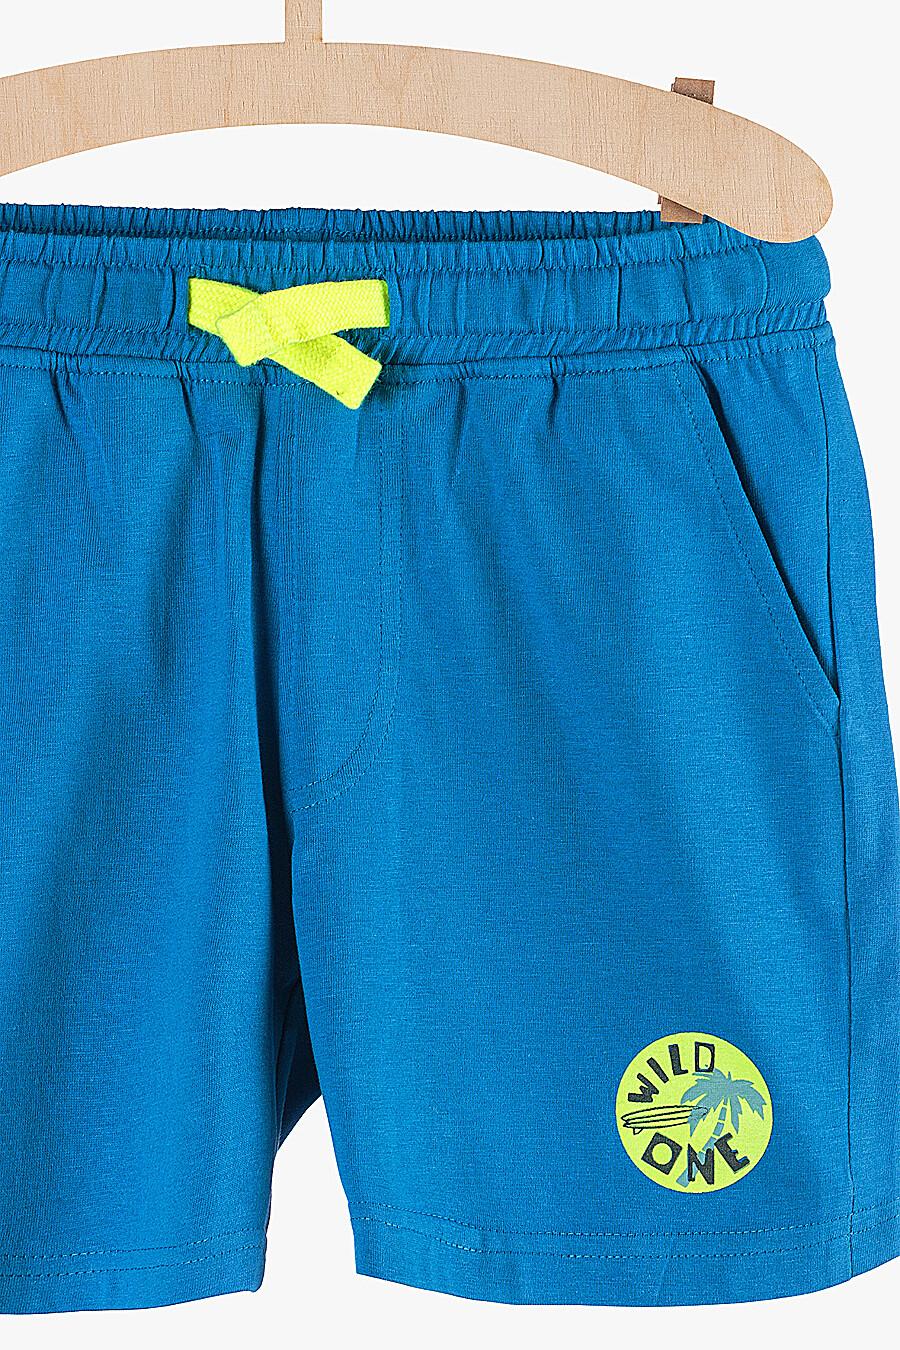 Шорты для мальчиков 5.10.15 218373 купить оптом от производителя. Совместная покупка детской одежды в OptMoyo